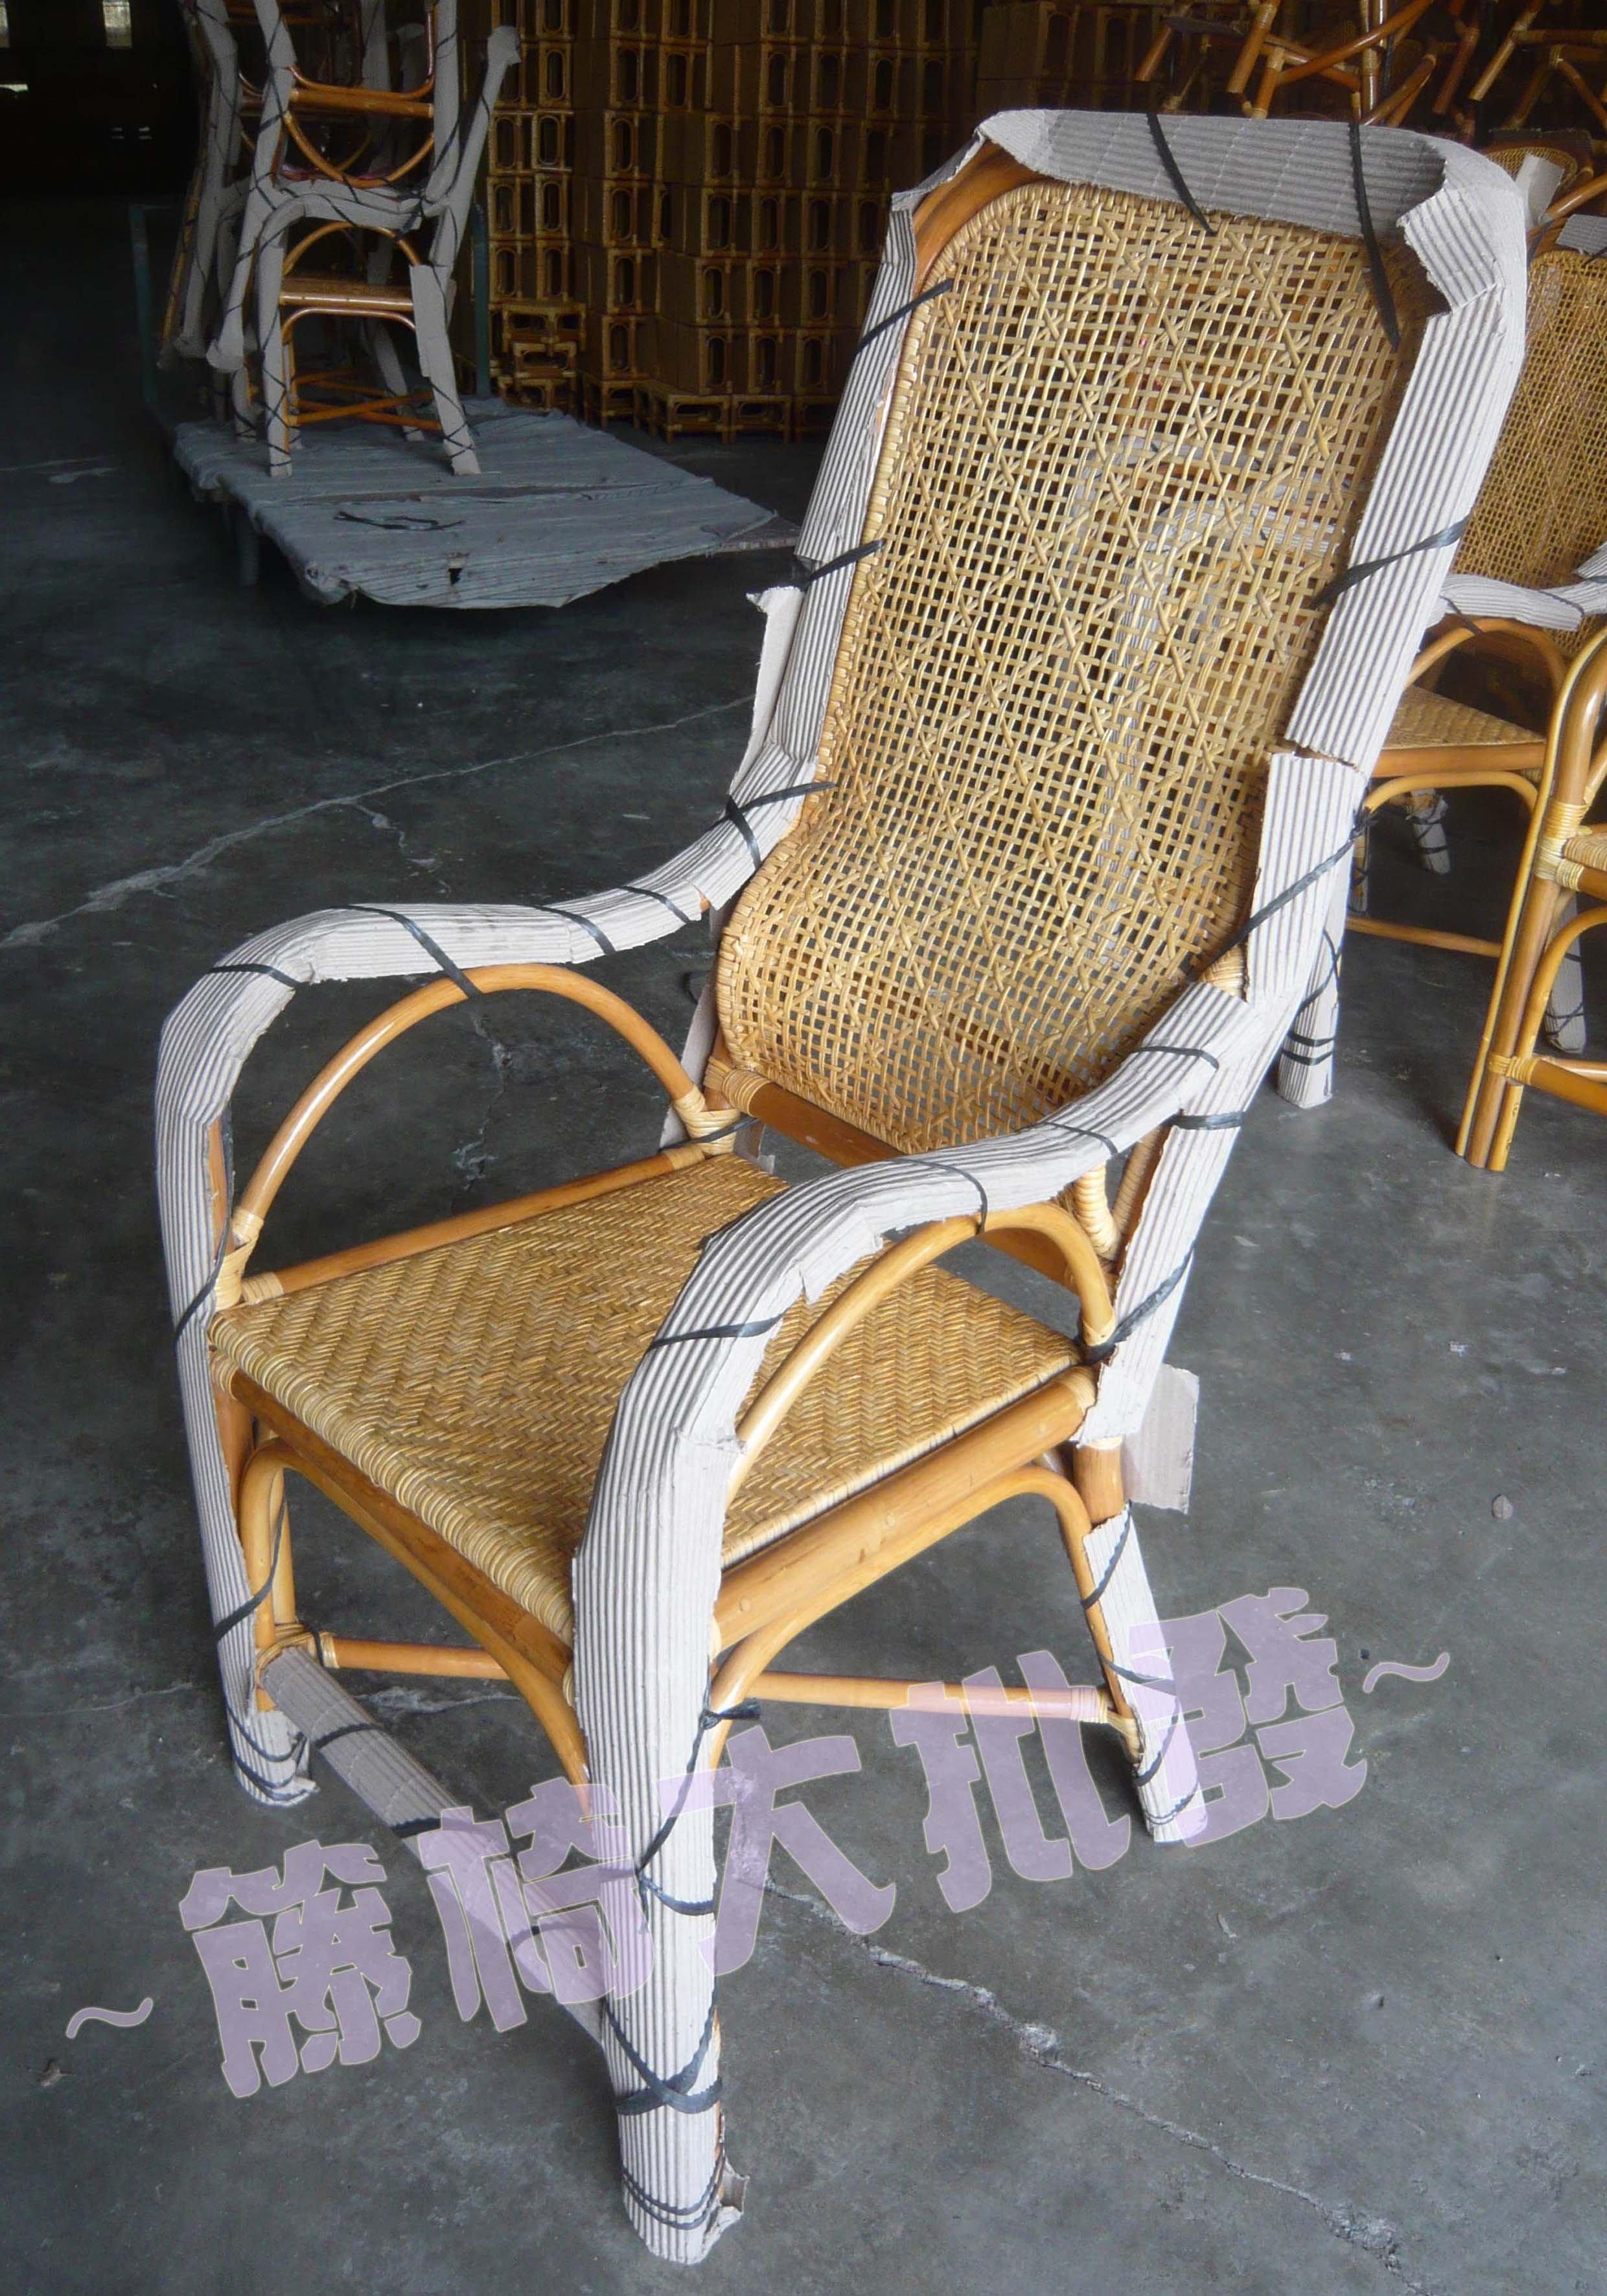 【藤椅批發零售】籐椅單凸教師椅-護腰老人椅-休閒椅-辦公椅-泡茶椅-工廠直營團購更優惠